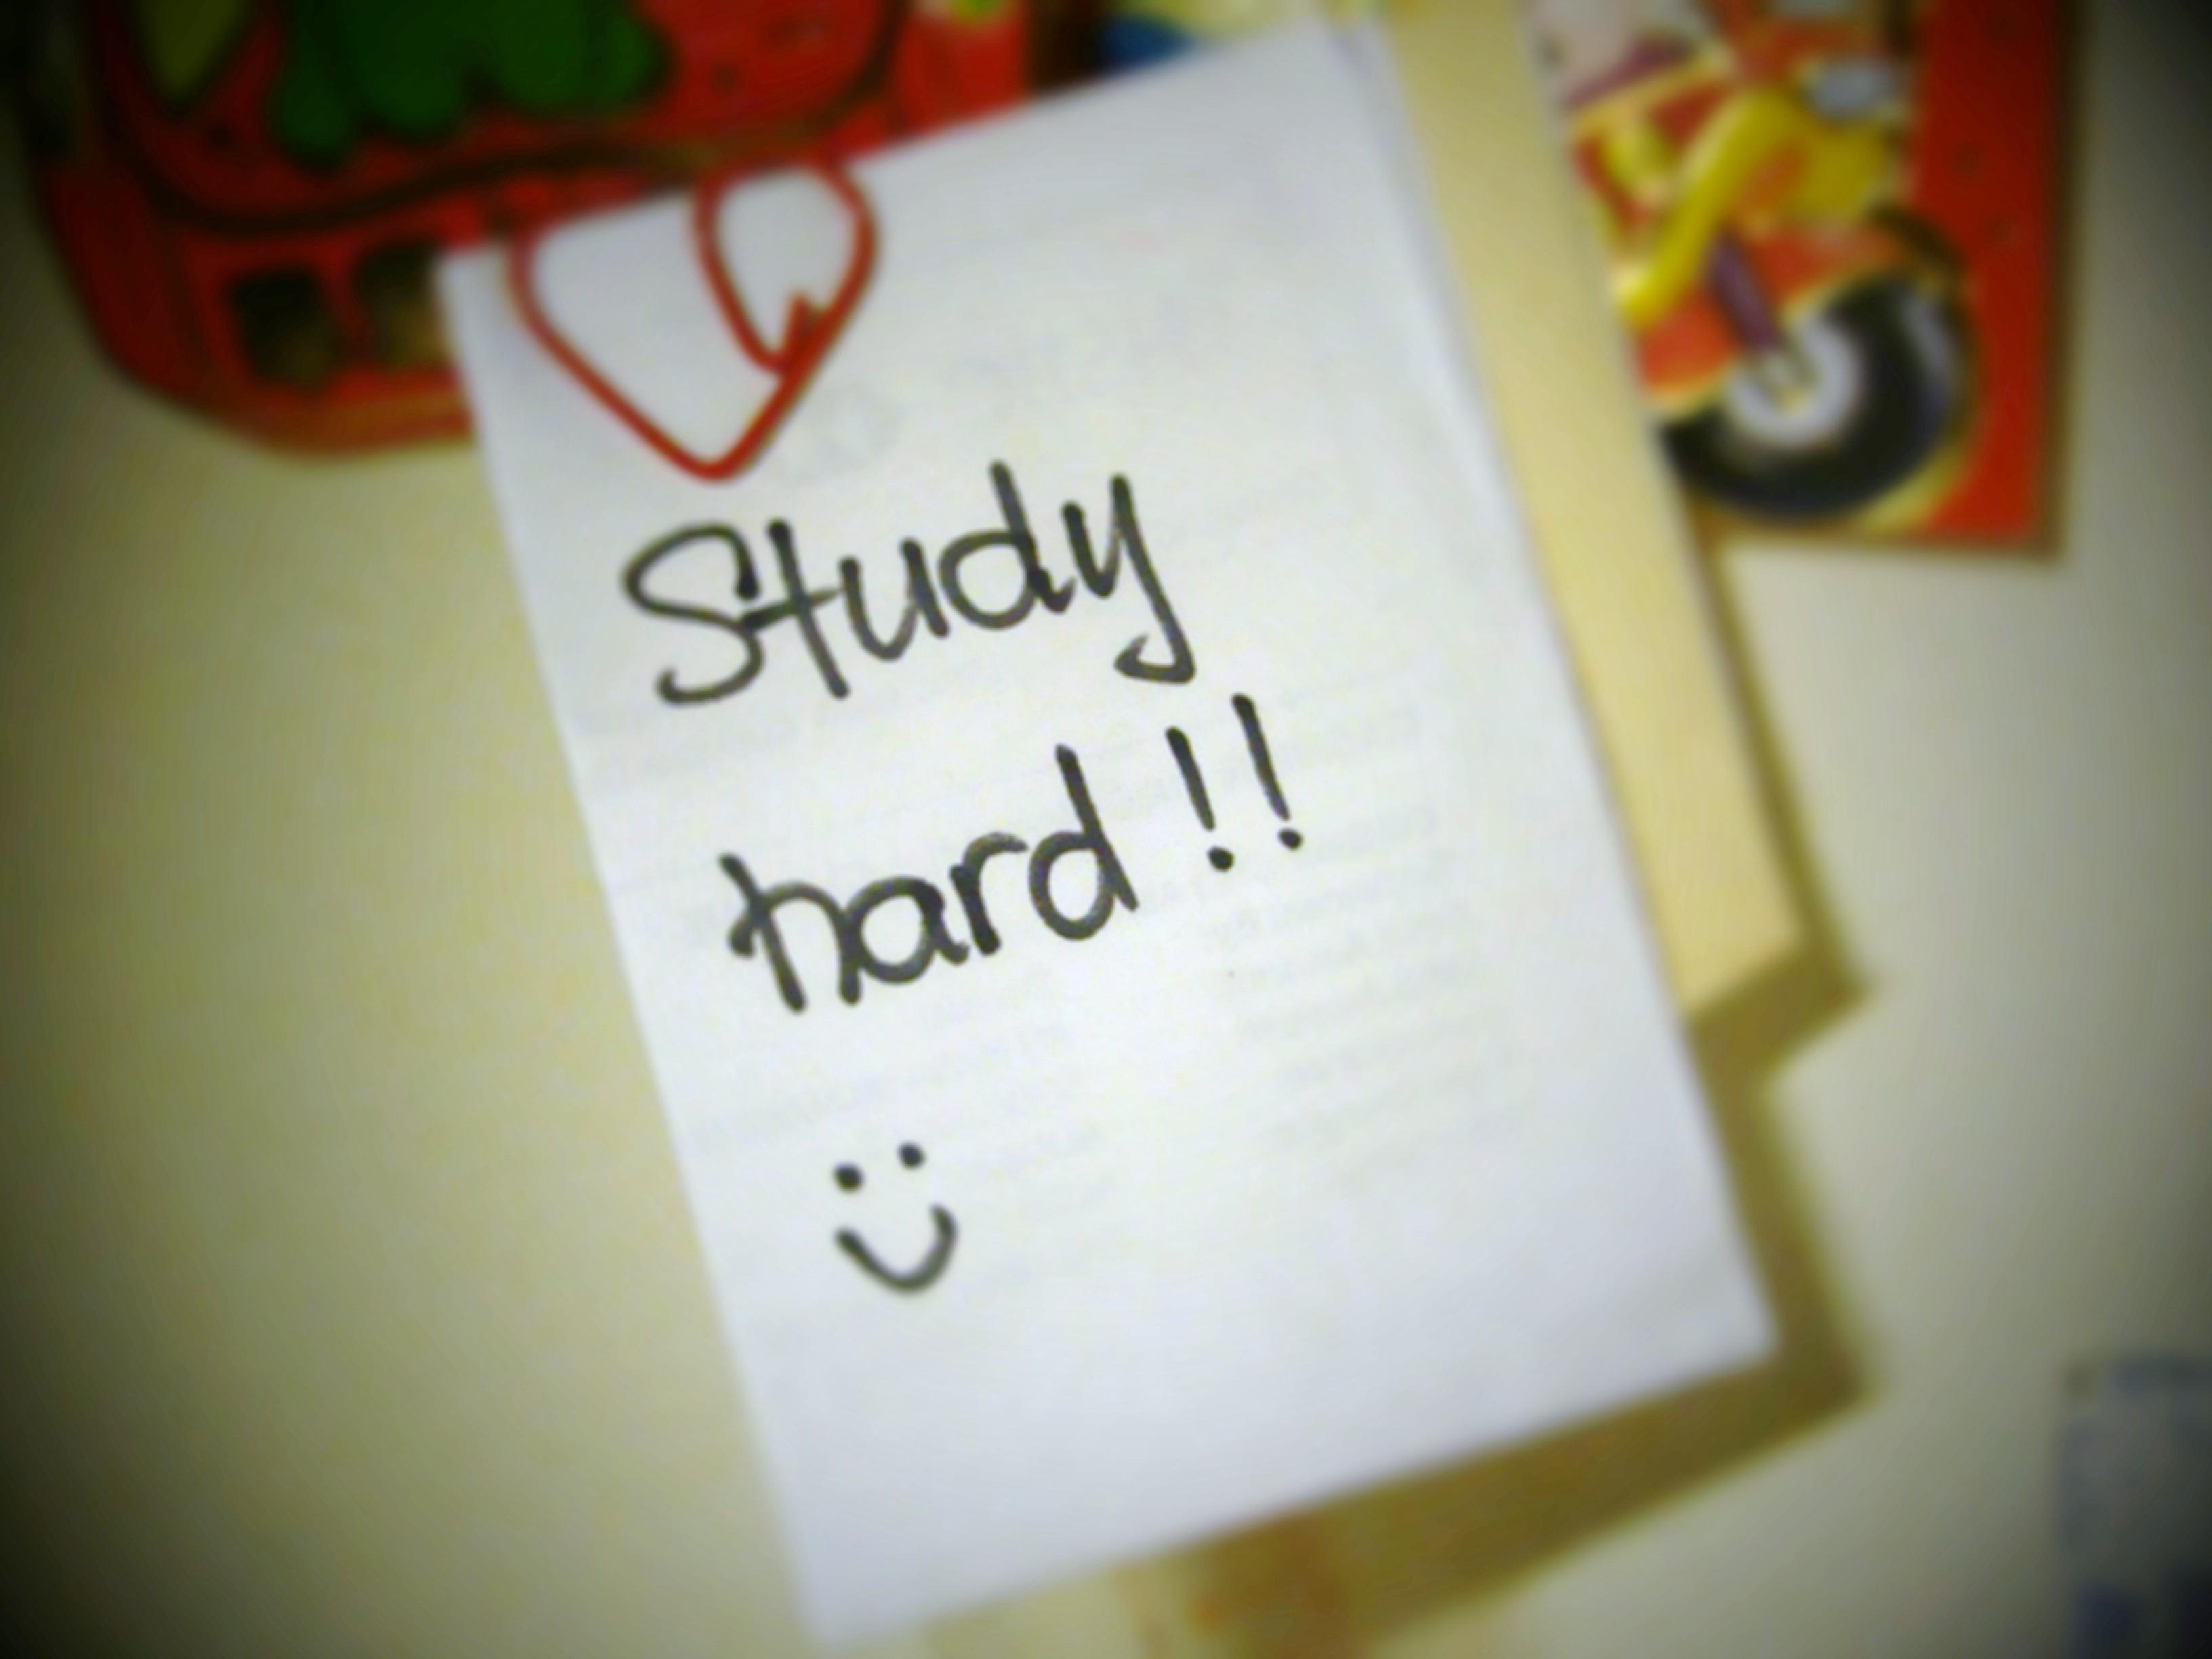 External Study Tasks